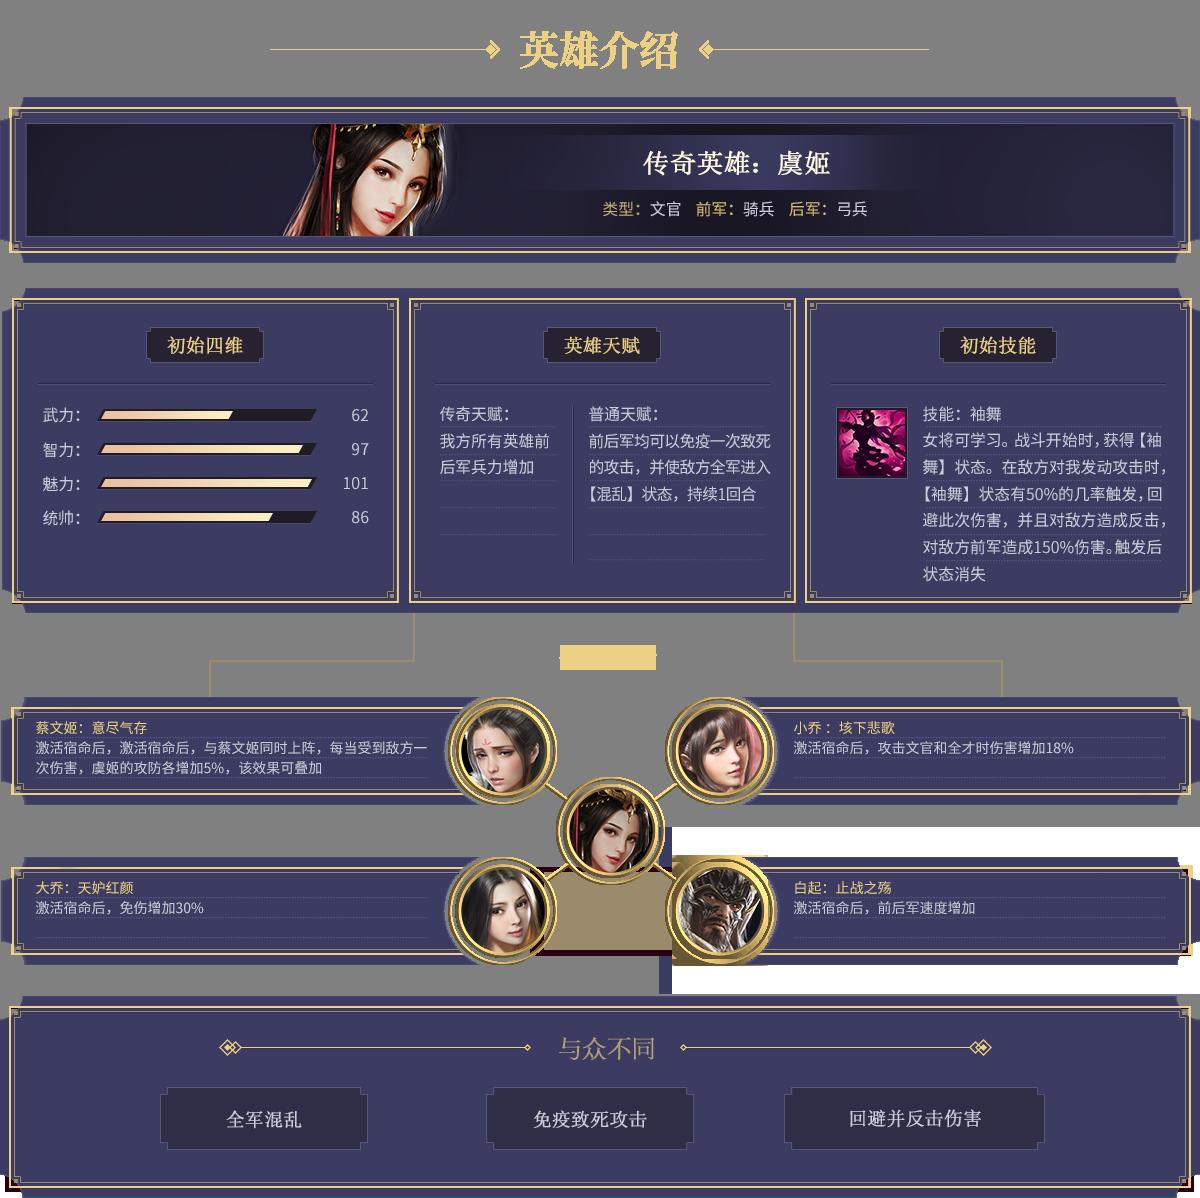 《战神三十六计》神将虞姬介绍